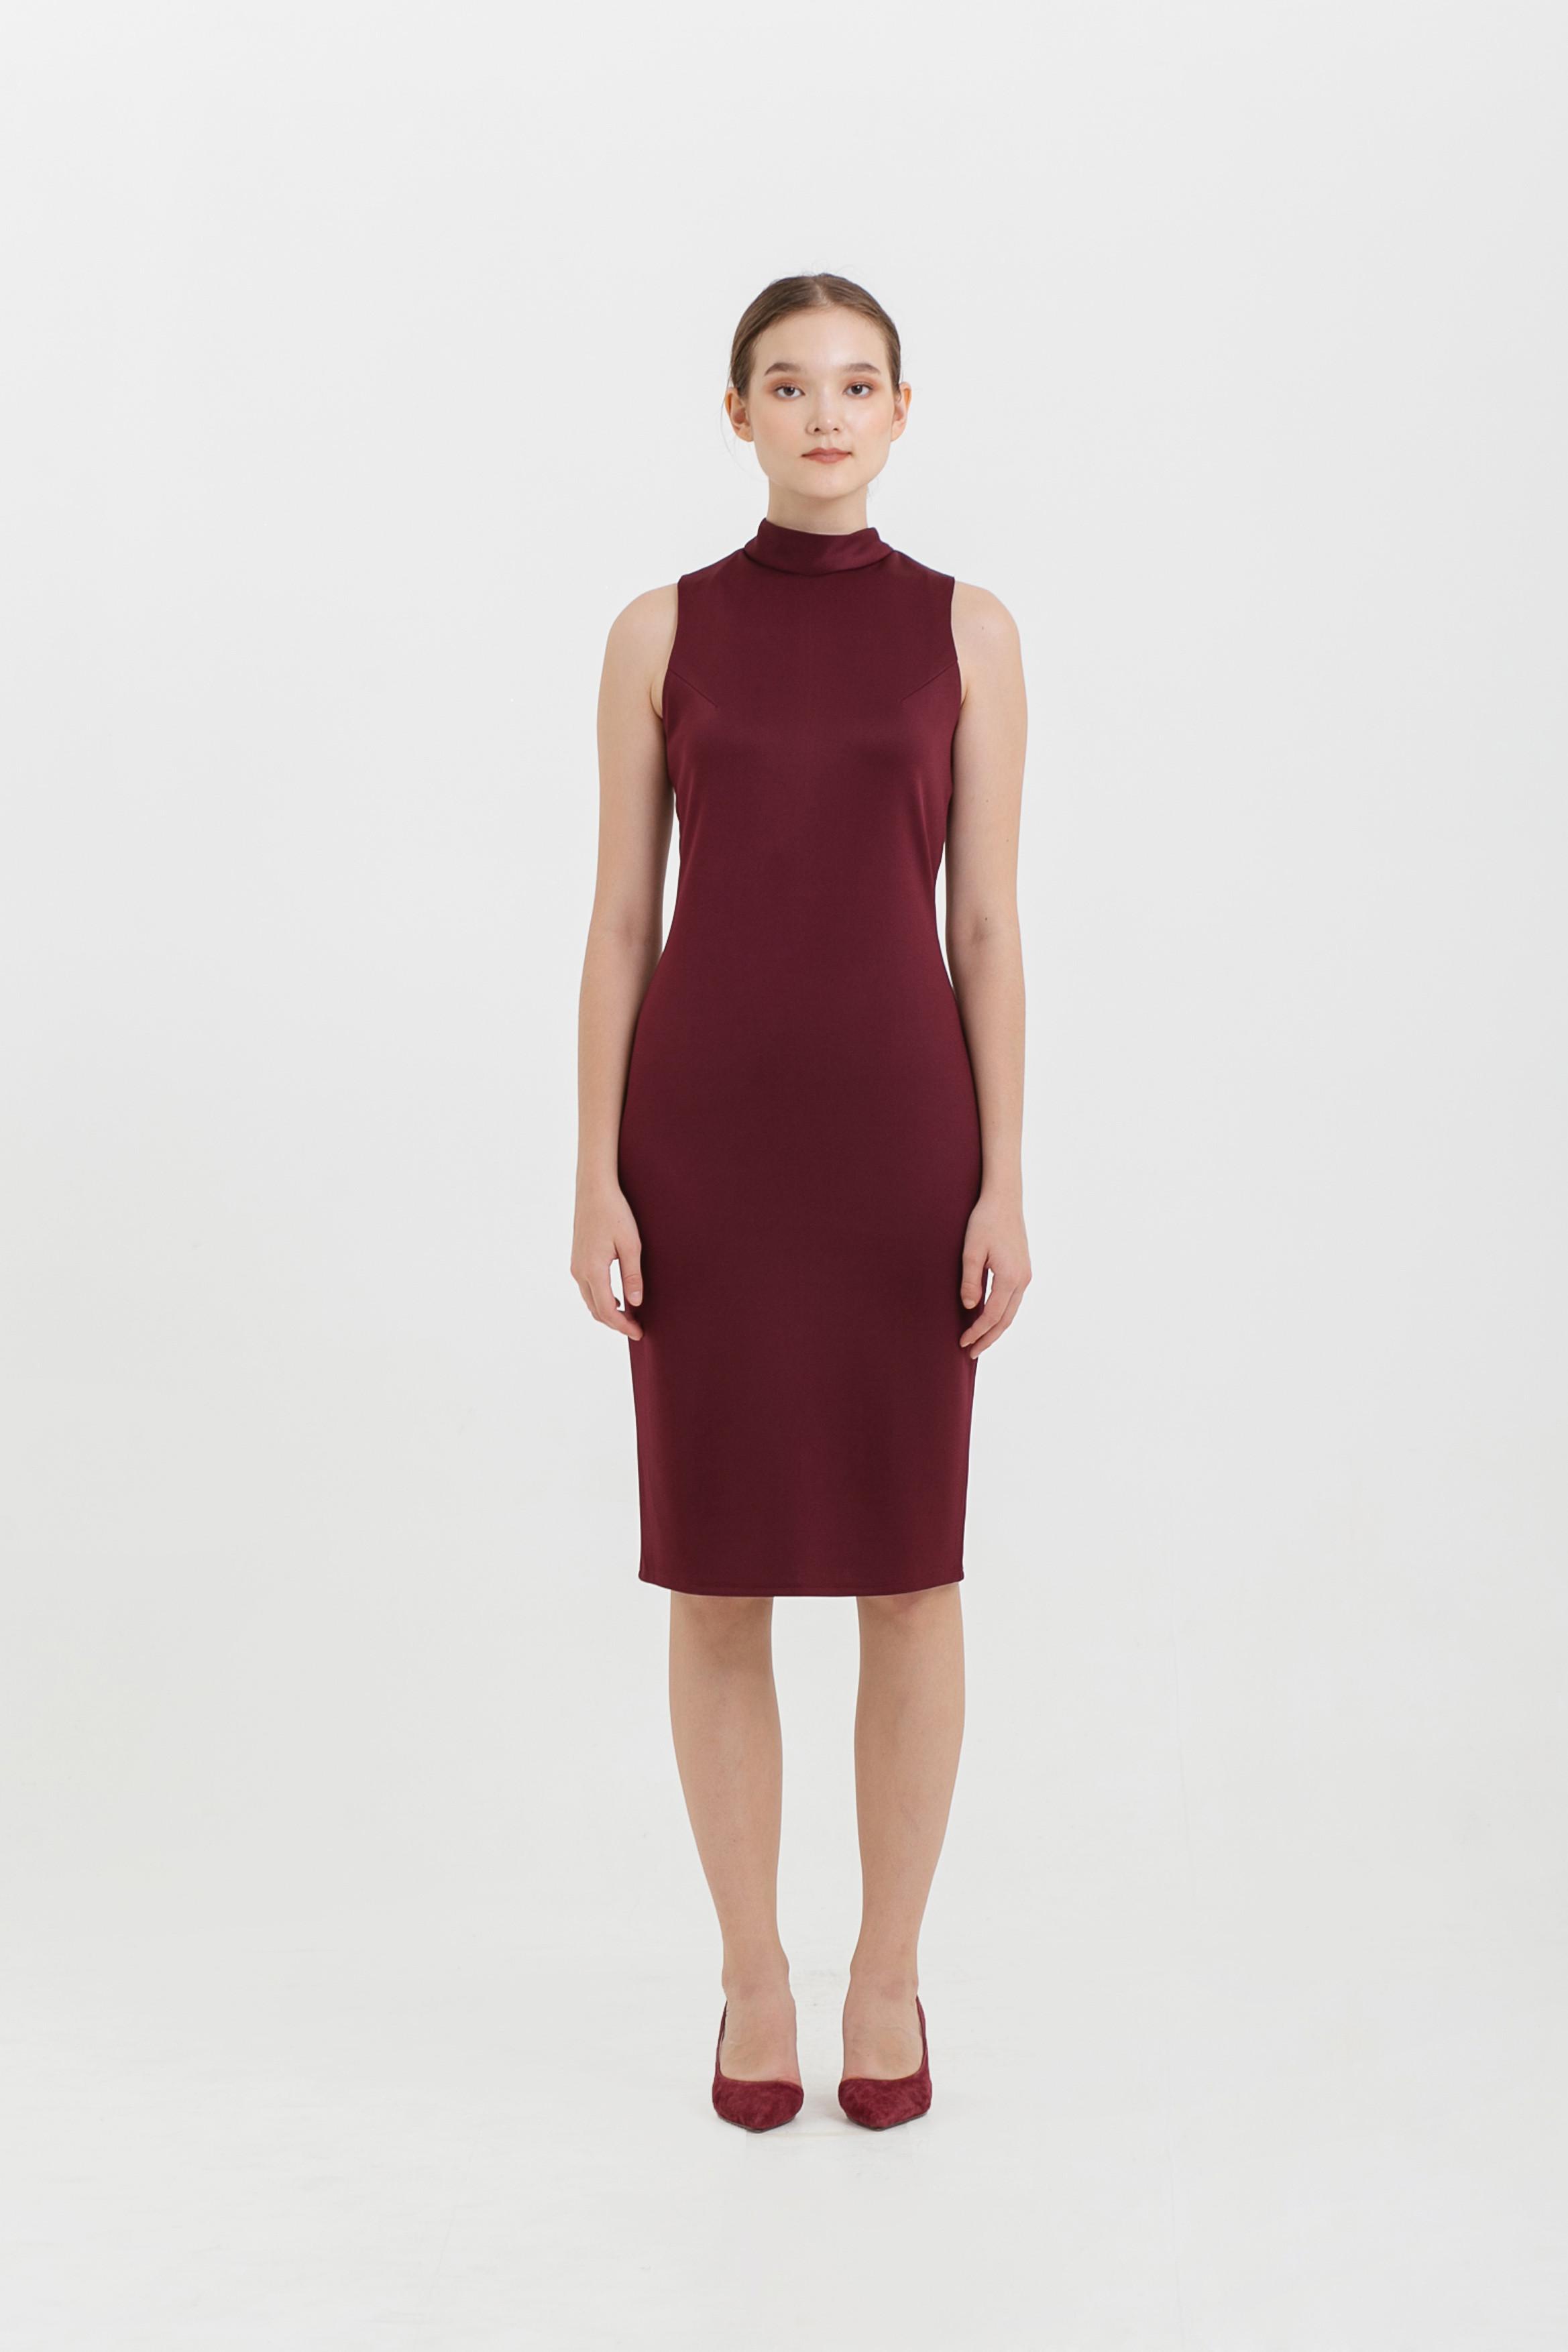 High Neck Sleeveless Scuba Dress